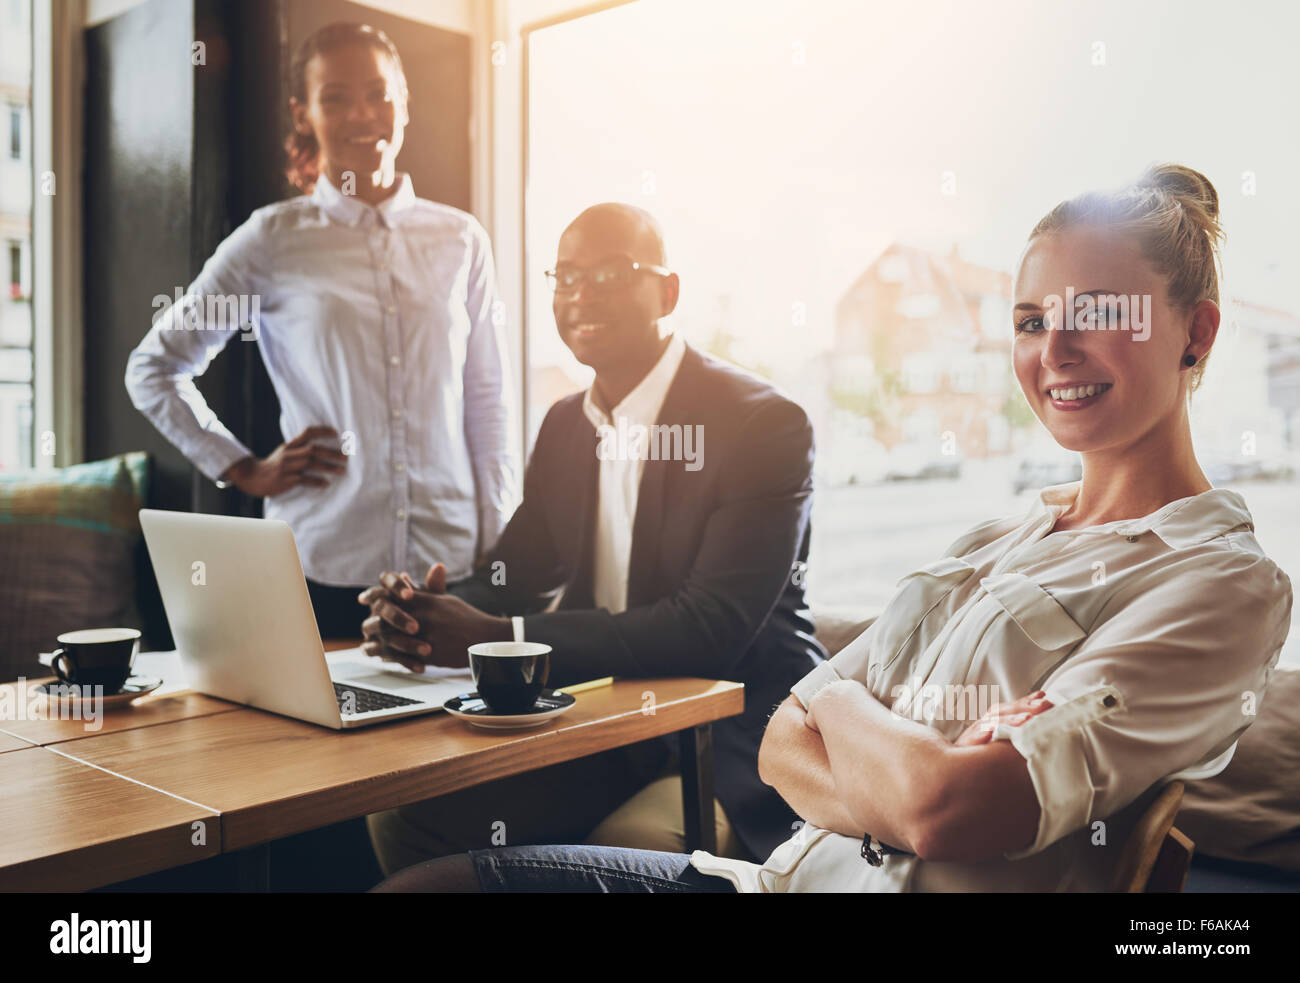 Gruppo di imprenditori di successo, persone di affari multi etnico di lavoro di gruppo Immagini Stock